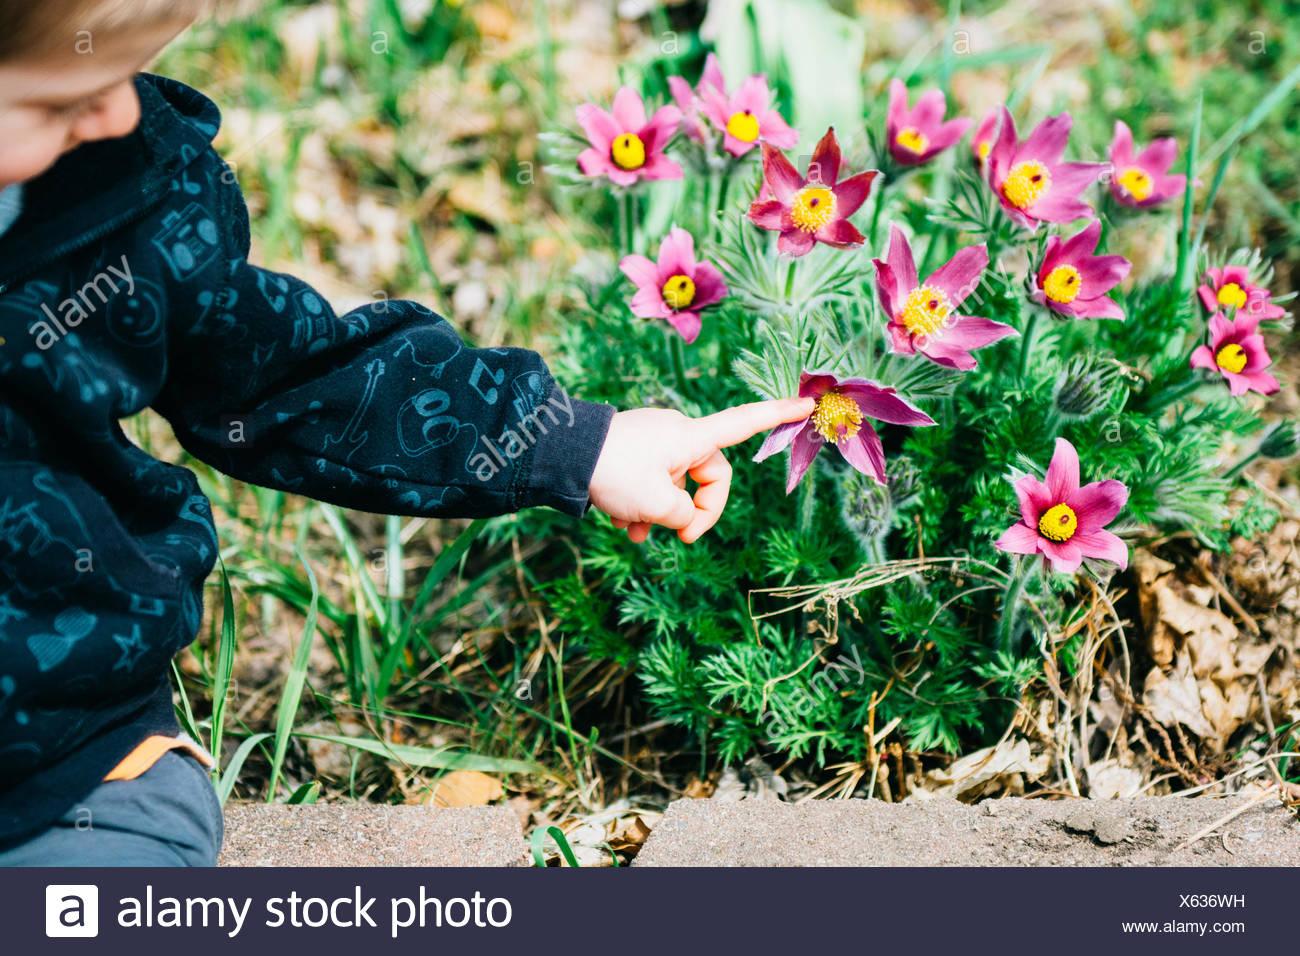 Chico apuntando a flores Foto de stock